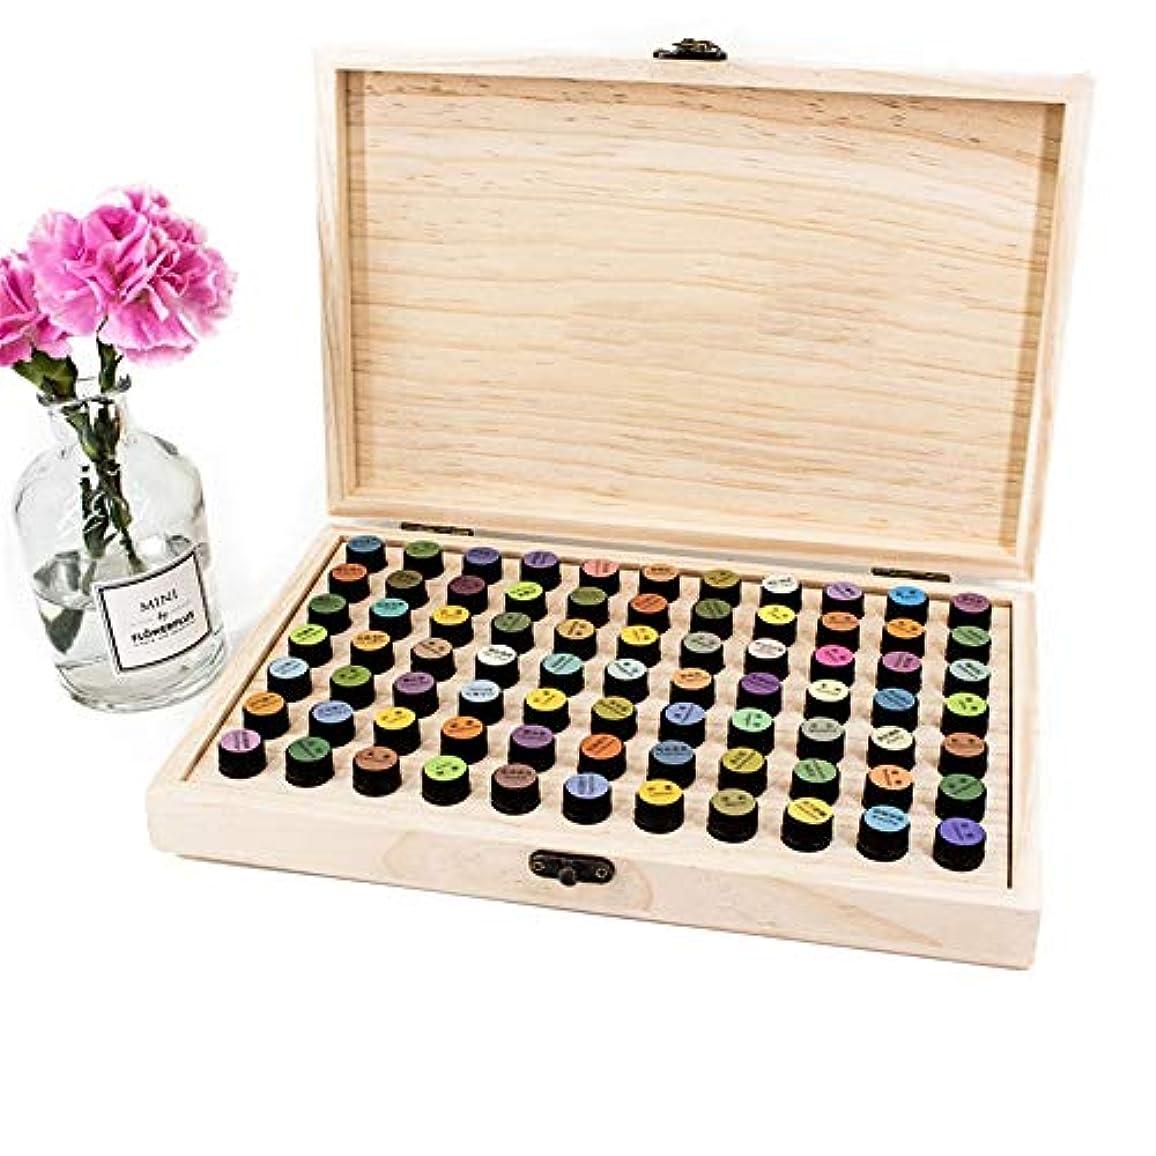 任命些細腹部エッセンシャルオイル収納ボックス 2ディスプレイウッドオイルボックス72個のスロットオーガナイザーを格納するためのバイアルmlの 丈夫で持ち運びが簡単 (色 : Natural, サイズ : 29X19X4CM)